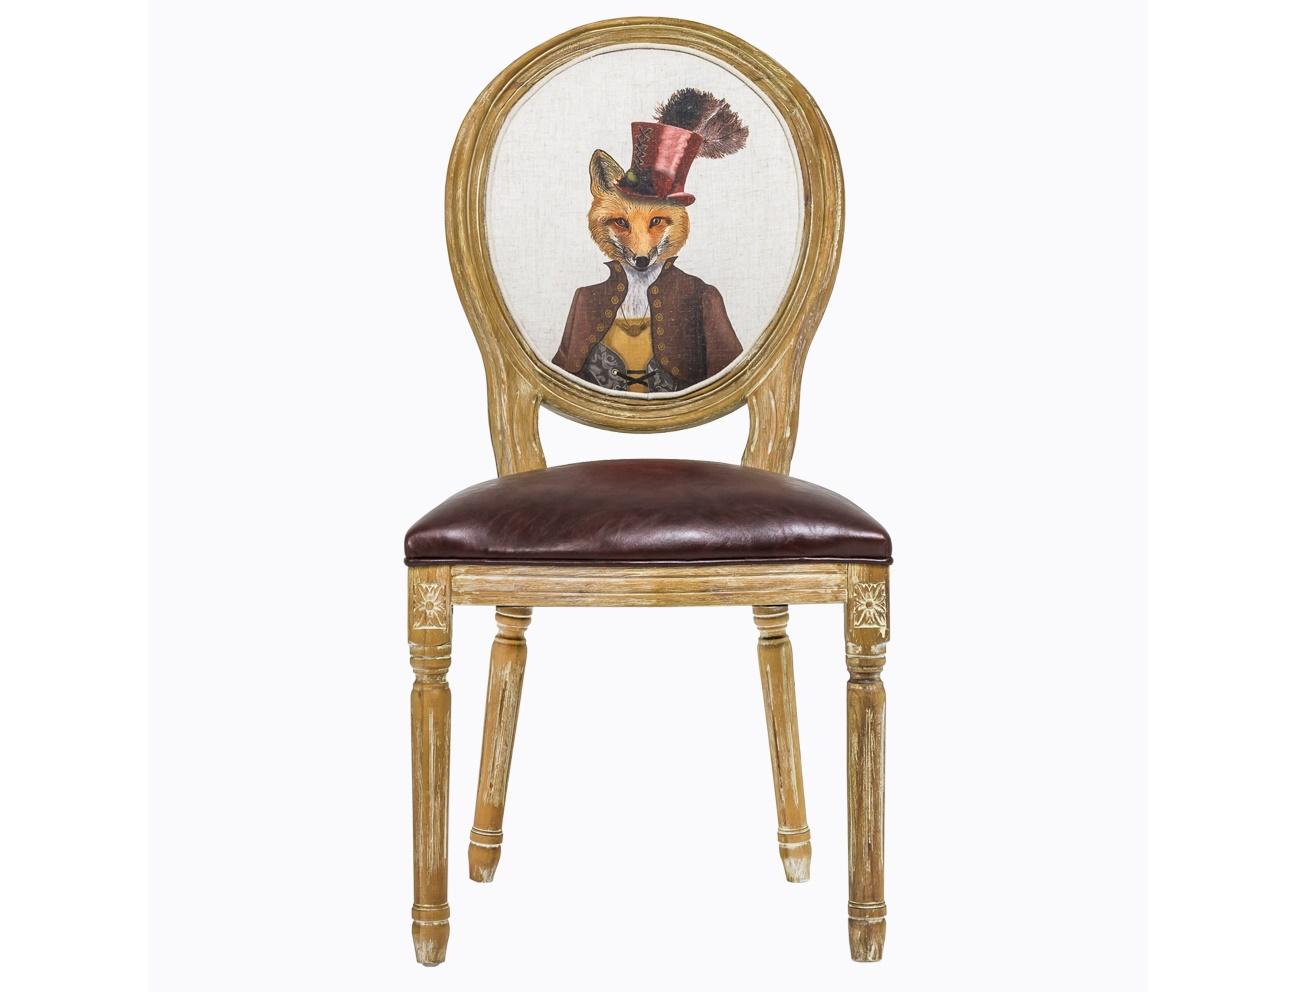 Стул «Мисс Лиса»Обеденные стулья<br>&amp;lt;div&amp;gt;Чем хороша эклектика в интерьере, так это умением разбавить привычное необычным. Стул в лучших традициях французской мебели времен Луи-Филиппа украшен ярким современным принтом. Лисичка в дамском костюме для верховой езды – оригинально, не скучно, да и стилистически – точно в яблочко! Стул изготовлен из натурального массива бука и украшен резьбой вручную. Древесина выбелена и искусственно состарена. Вес стула равен 7 кг. Обивка сиденья выполнена из эко-кожи.&amp;lt;/div&amp;gt;<br><br>Material: Кожа<br>Length см: 50<br>Width см: 57<br>Height см: 98